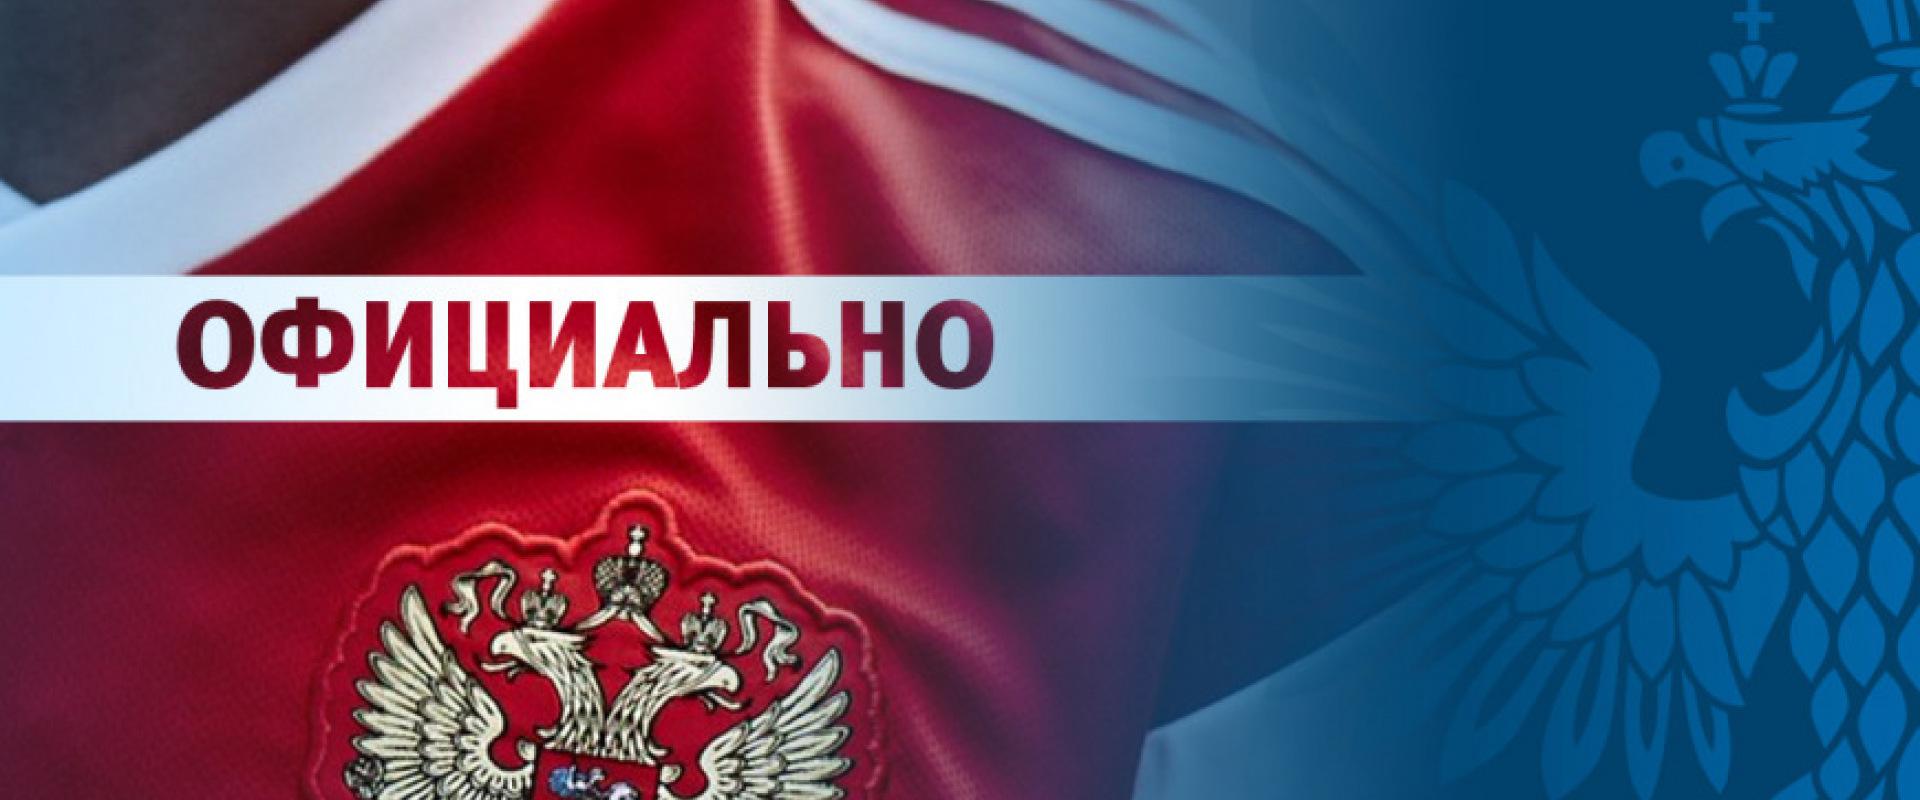 РФС заключил соглашения о развитии футбола в четырех регионах